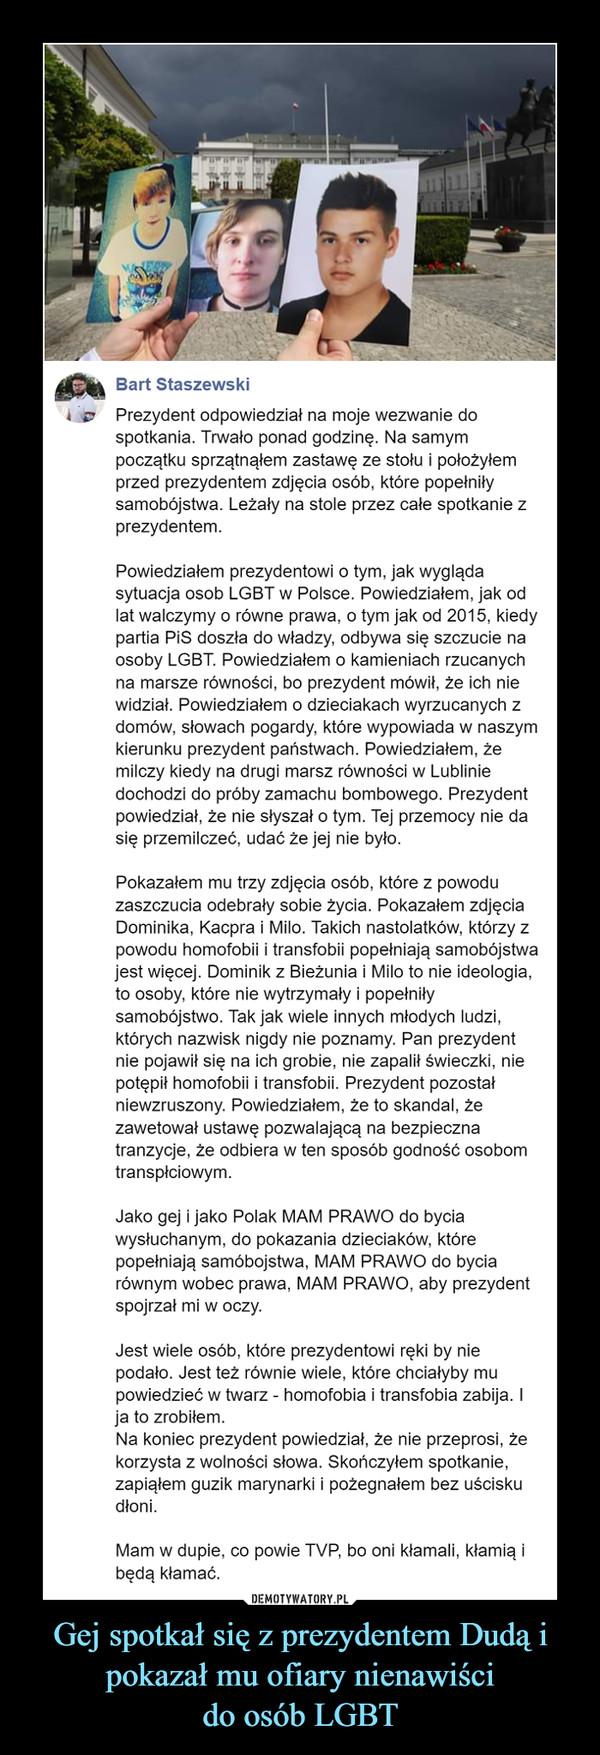 Gej spotkał się z prezydentem Dudą i pokazał mu ofiary nienawiścido osób LGBT –  Prezydent odpowiedział na moje wezwanie do spotkania. Trwało ponad godzinę. Na samym początku sprzątnąłem zastawę ze stołu i położyłem przed prezydentem zdjęcia osób, które popełniły samobójstwa. Leżały na stole przez całe spotkanie z prezydentem.Powiedziałem prezydentowi o tym, jak wygląda sytuacja osob LGBT w Polsce. Powiedziałem, jak od lat walczymy o równe prawa, o tym jak od 2015, kiedy partia PiS doszła do władzy, odbywa się szczucie na osoby LGBT. Powiedziałem o kamieniach rzucanych na marsze równości, bo prezydent mówił, że ich nie widział. Powiedziałem o dzieciakach wyrzucanych z domów, słowach pogardy, które wypowiada w naszym kierunku prezydent państwach. Powiedziałem, że milczy kiedy na drugi marsz równości w Lublinie dochodzi do próby zamachu bombowego. Prezydent powiedział, że nie słyszał o tym. Tej przemocy nie da się przemilczeć, udać że jej nie było.Pokazałem mu trzy zdjęcia osób, które z powodu zaszczucia odebrały sobie życia. Pokazałem zdjęcia Dominika, Kacpra i Milo. Takich nastolatków, którzy z powodu homofobii i transfobii popełniają samobójstwa jest więcej. Dominik z Bieżunia i Milo to nie ideologia, to osoby, które nie wytrzymały i popełniły samobójstwo. Tak jak wiele innych młodych ludzi, których nazwisk nigdy nie poznamy. Pan prezydent nie pojawił się na ich grobie, nie zapalił świeczki, nie potępił homofobii i transfobii. Prezydent pozostał niewzruszony. Powiedziałem, że to skandal, że zawetował ustawę pozwalającą na bezpieczna tranzycje, że odbiera w ten sposób godność osobom transpłciowym.Jako gej i jako Polak MAM PRAWO do bycia wysłuchanym, do pokazania dzieciaków, które popełniają samóbojstwa, MAM PRAWO do bycia równym wobec prawa, MAM PRAWO, aby prezydent spojrzał mi w oczy.Jest wiele osób, które prezydentowi ręki by nie podało. Jest też równie wiele, które chciałyby mu powiedzieć w twarz - homofobia i transfobia zabija. I ja to zrobiłem.Na koniec prezyde